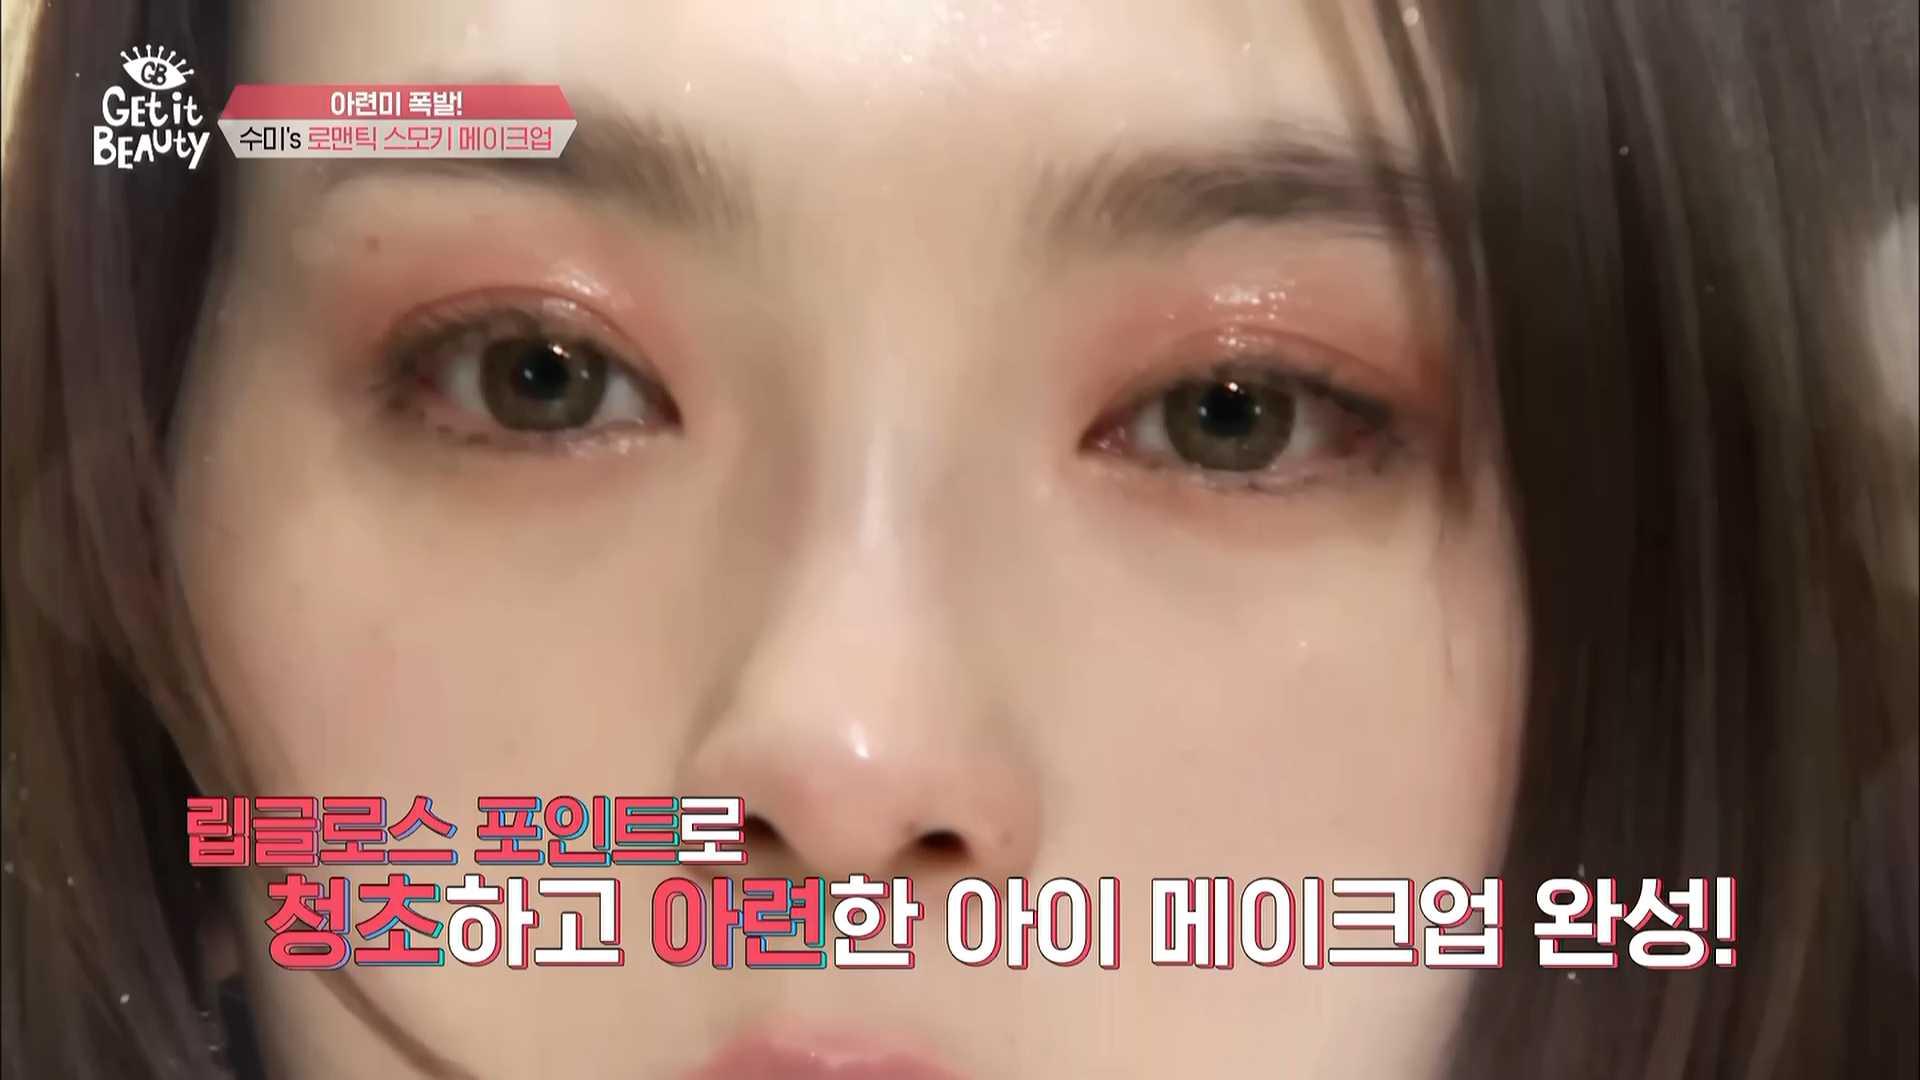 그 다음 아이메이크업 꿀팁! 립글로스로 눈가에 포인트 주는 거예요~ 눈이 무거워서 데일리보다는 특별한 날에청초한 눈매 완성할 수 있죠!